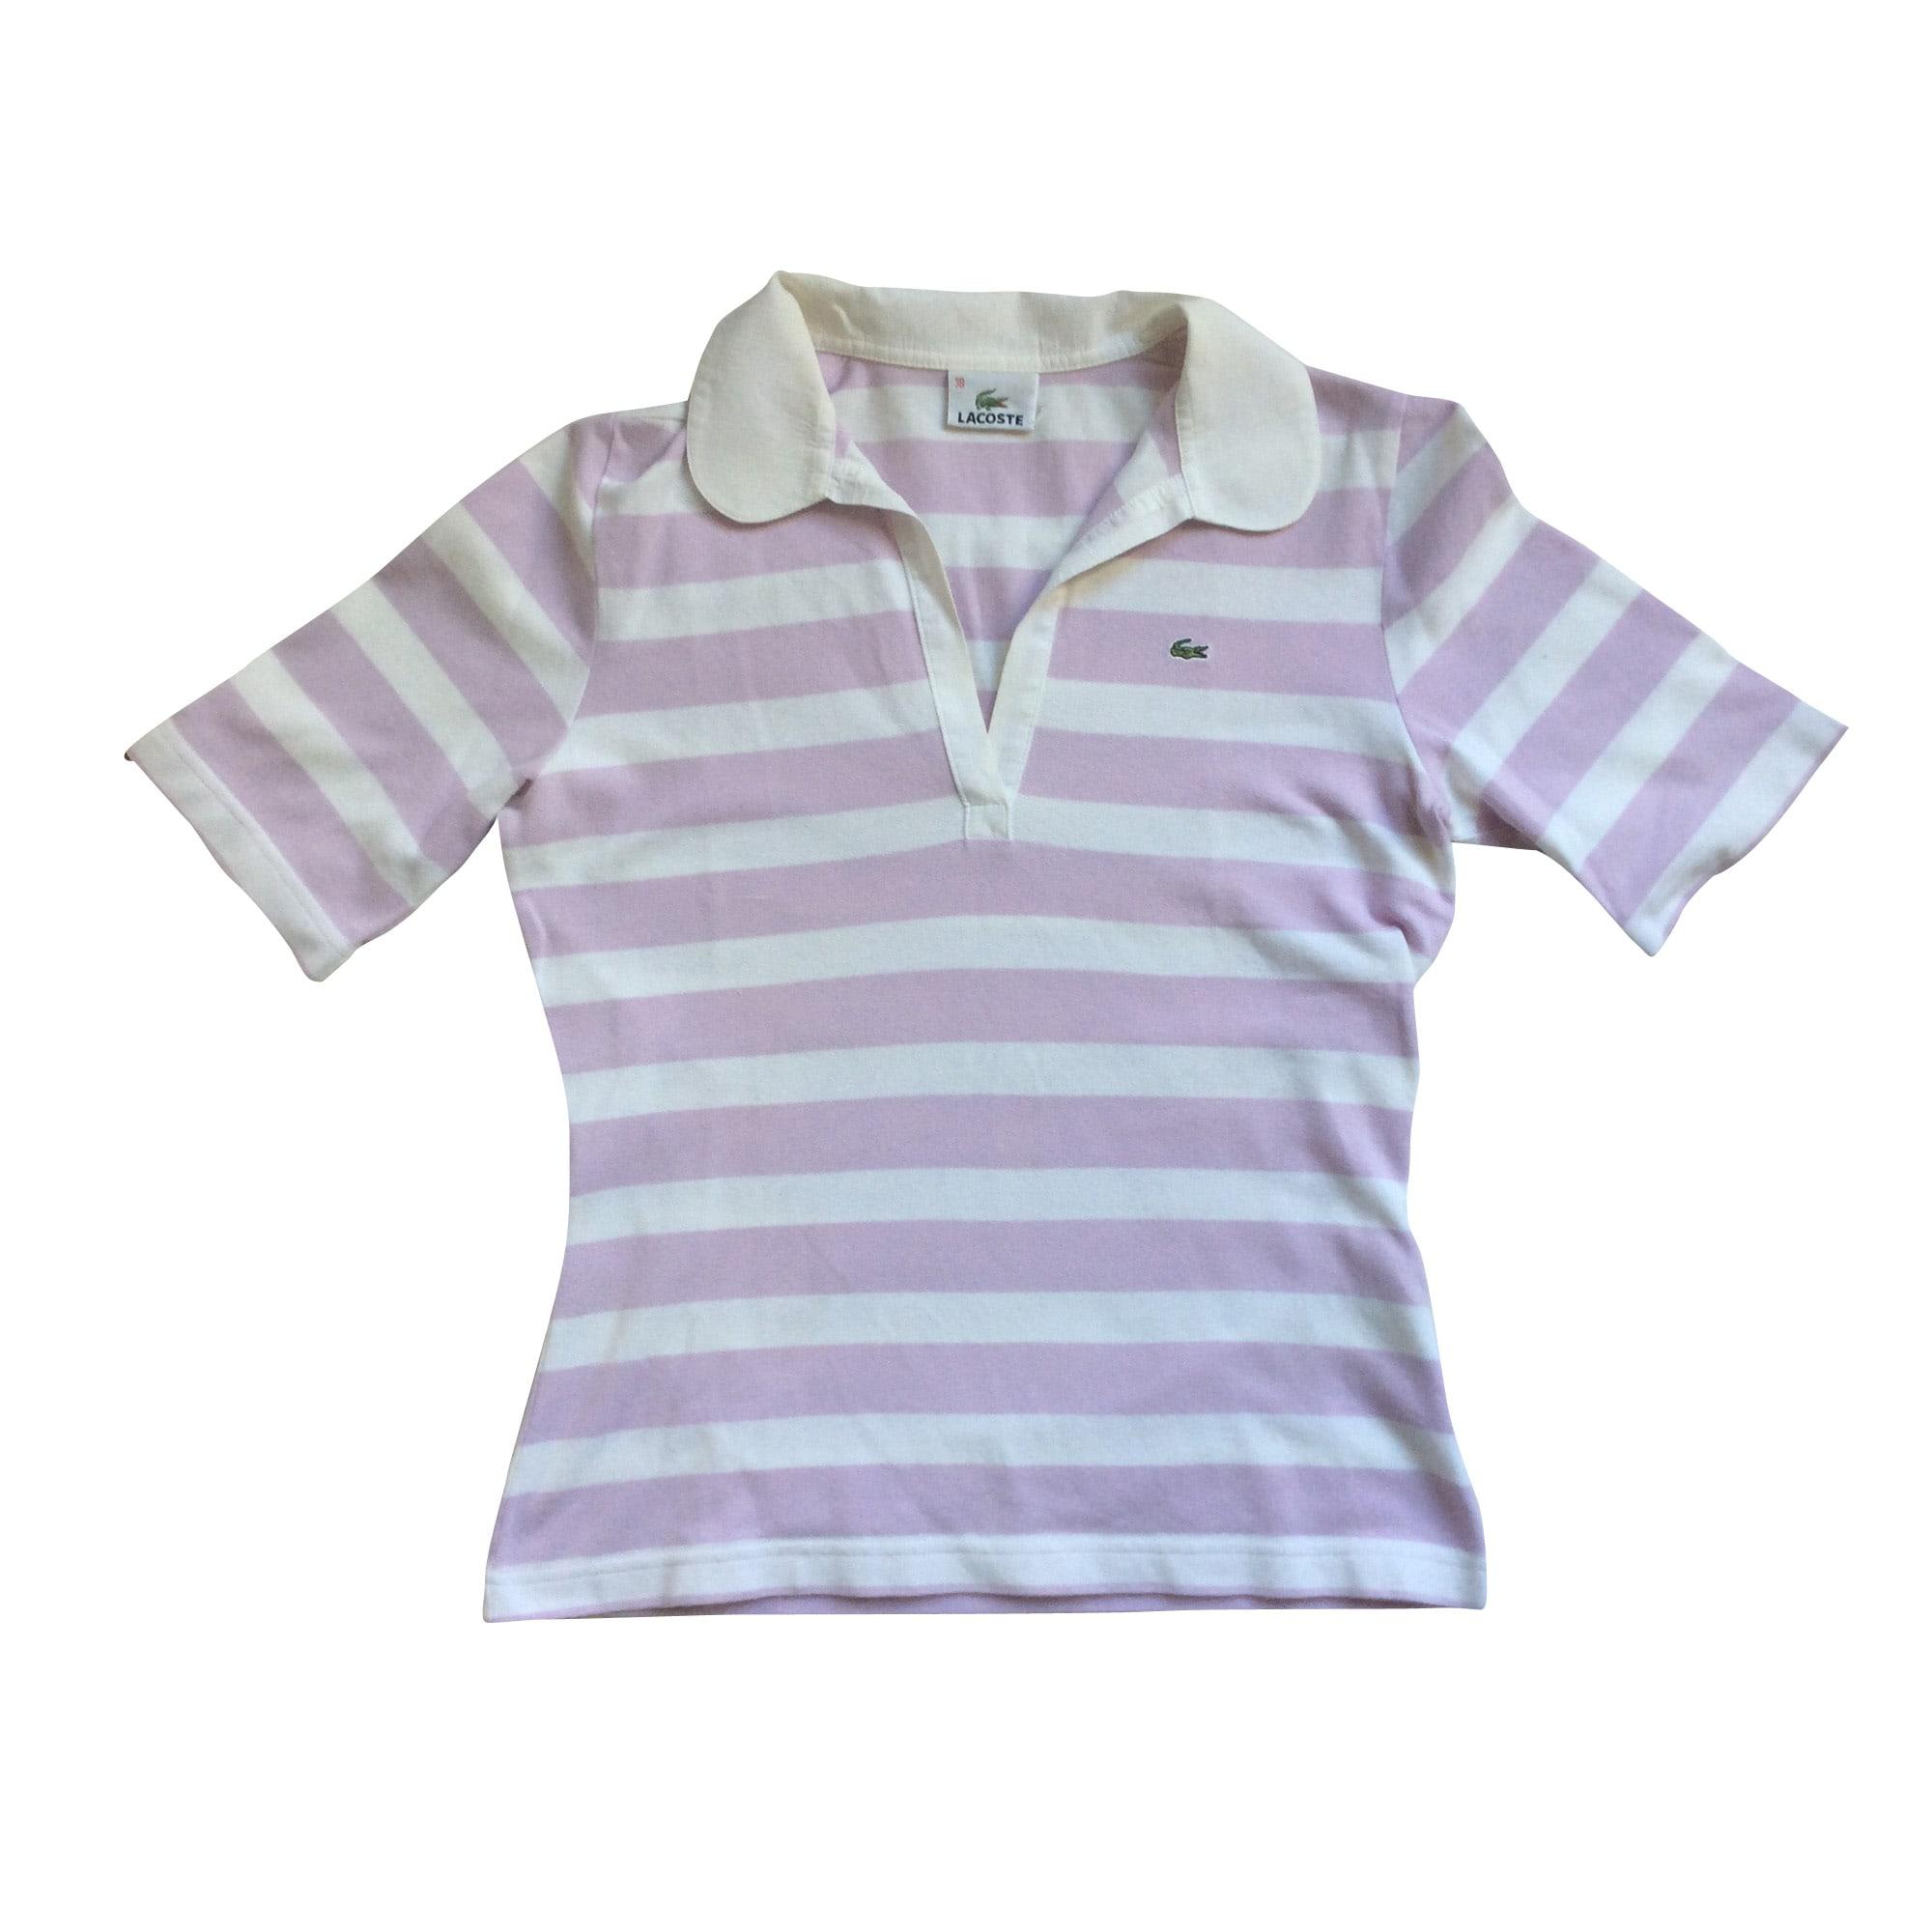 ee0b1706fd87 Polo LACOSTE Violet parme et blanc